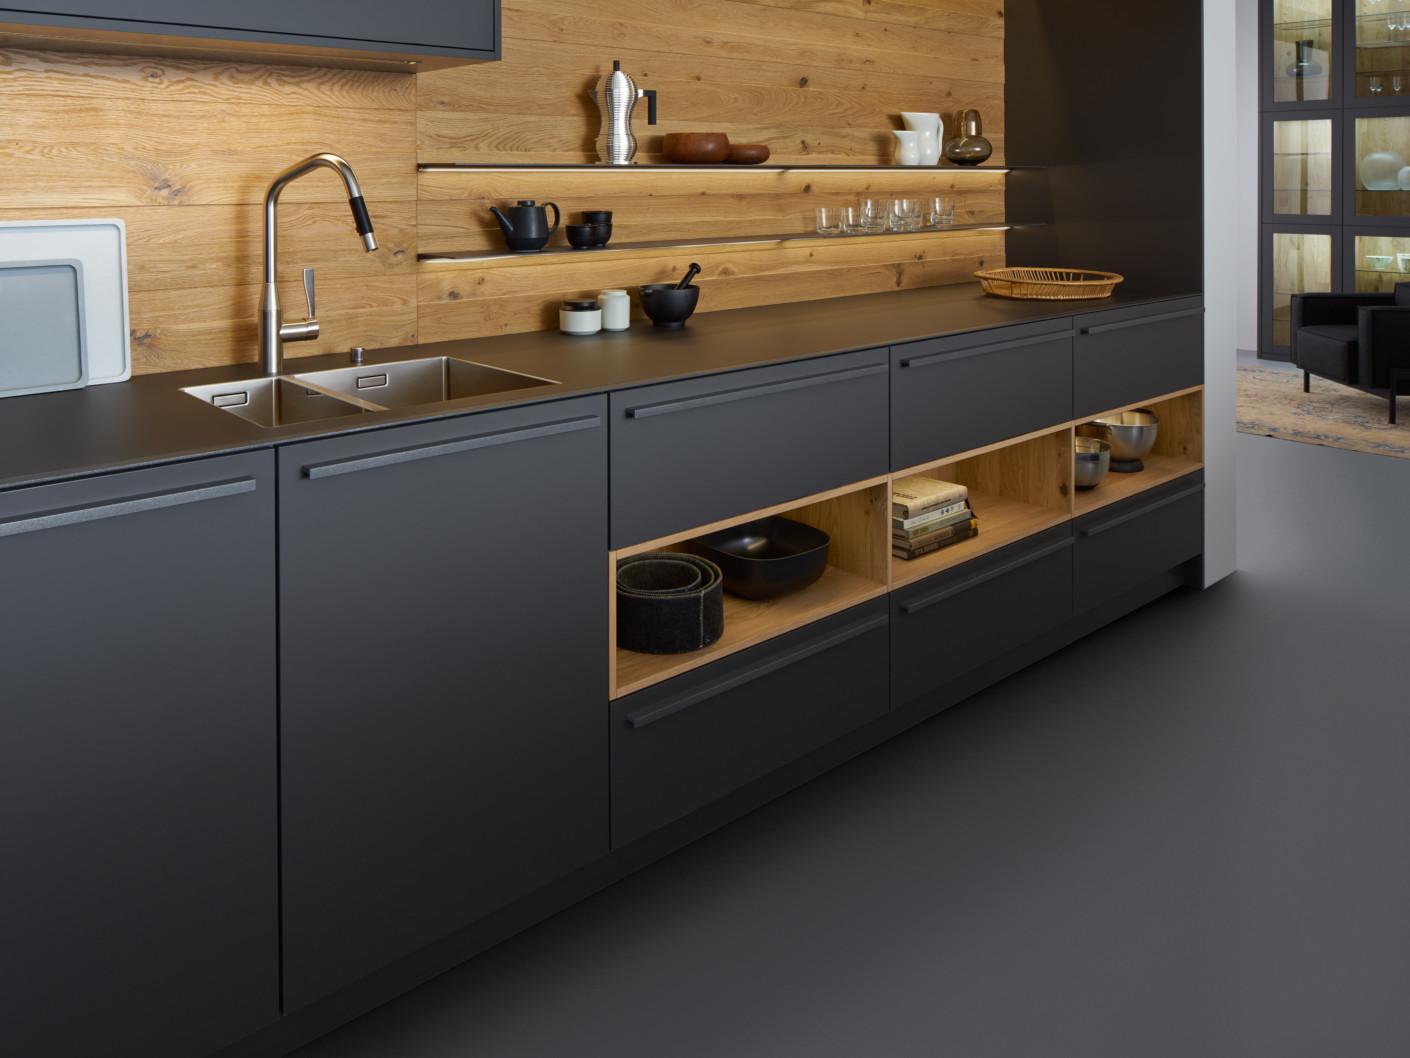 evo valais von leicht k chen stylepark. Black Bedroom Furniture Sets. Home Design Ideas